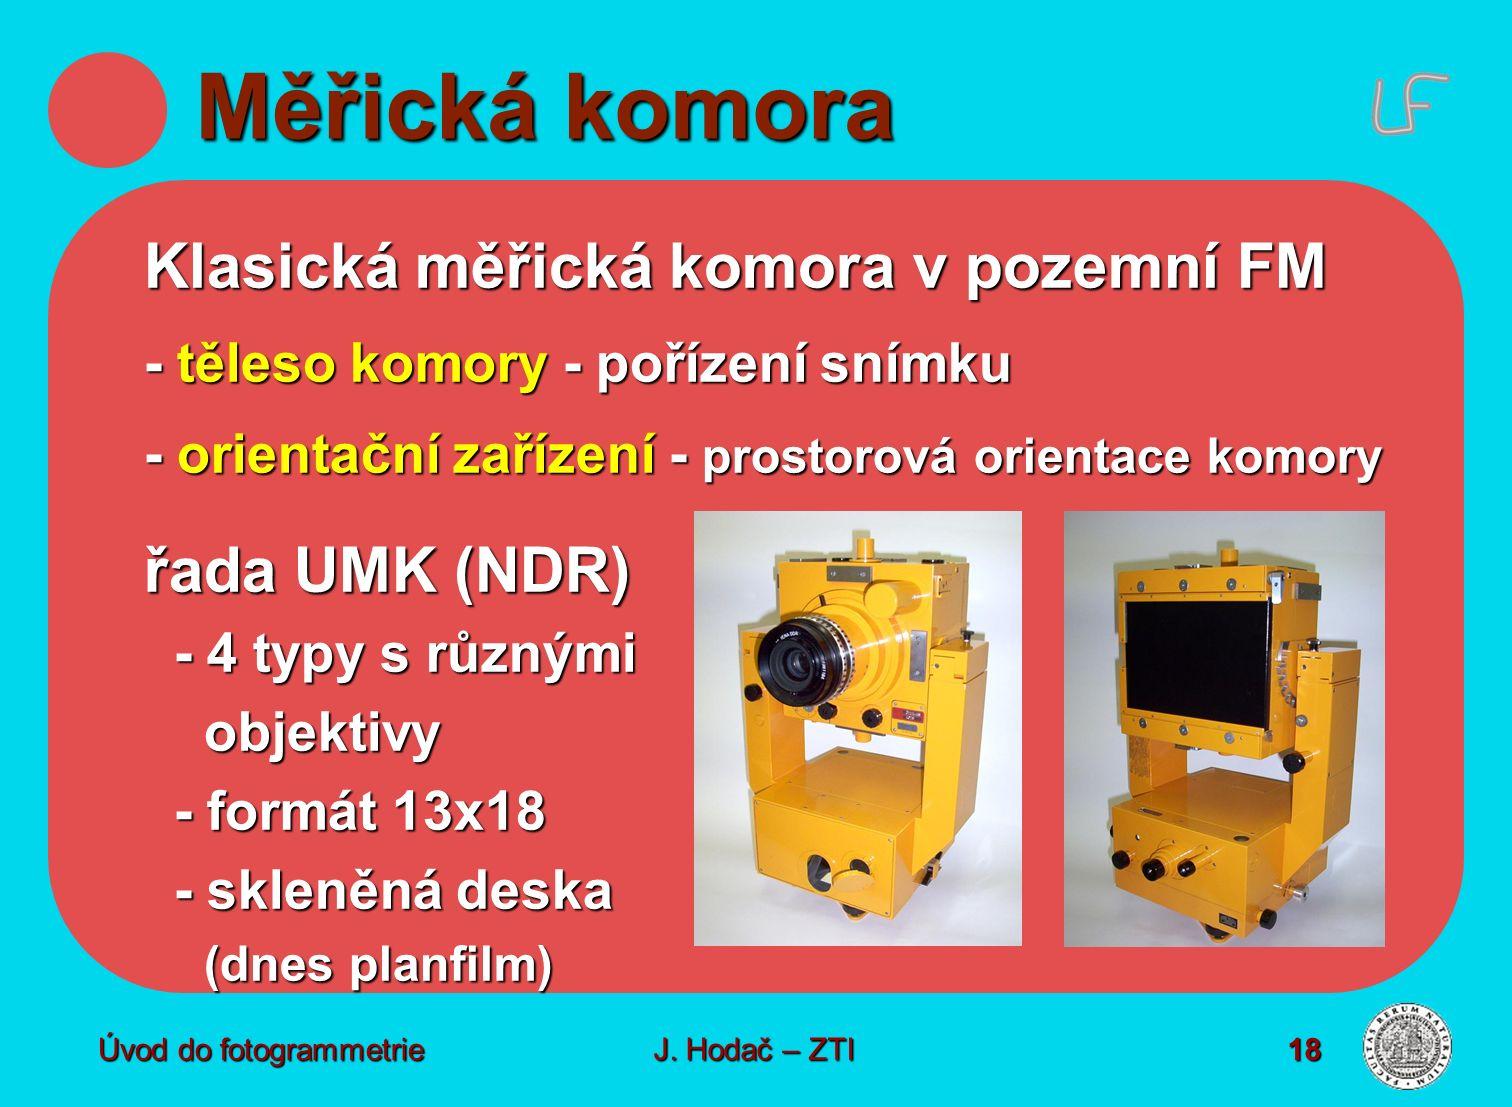 Úvod do fotogrammetrie18 Měřická komora Klasická měřická komora v pozemní FM - těleso komory - pořízení snímku - orientační zařízení - prostorová orientace komory řada UMK (NDR) - 4 typy s různými objektivy objektivy - formát 13x18 - skleněná deska (dnes planfilm) J.